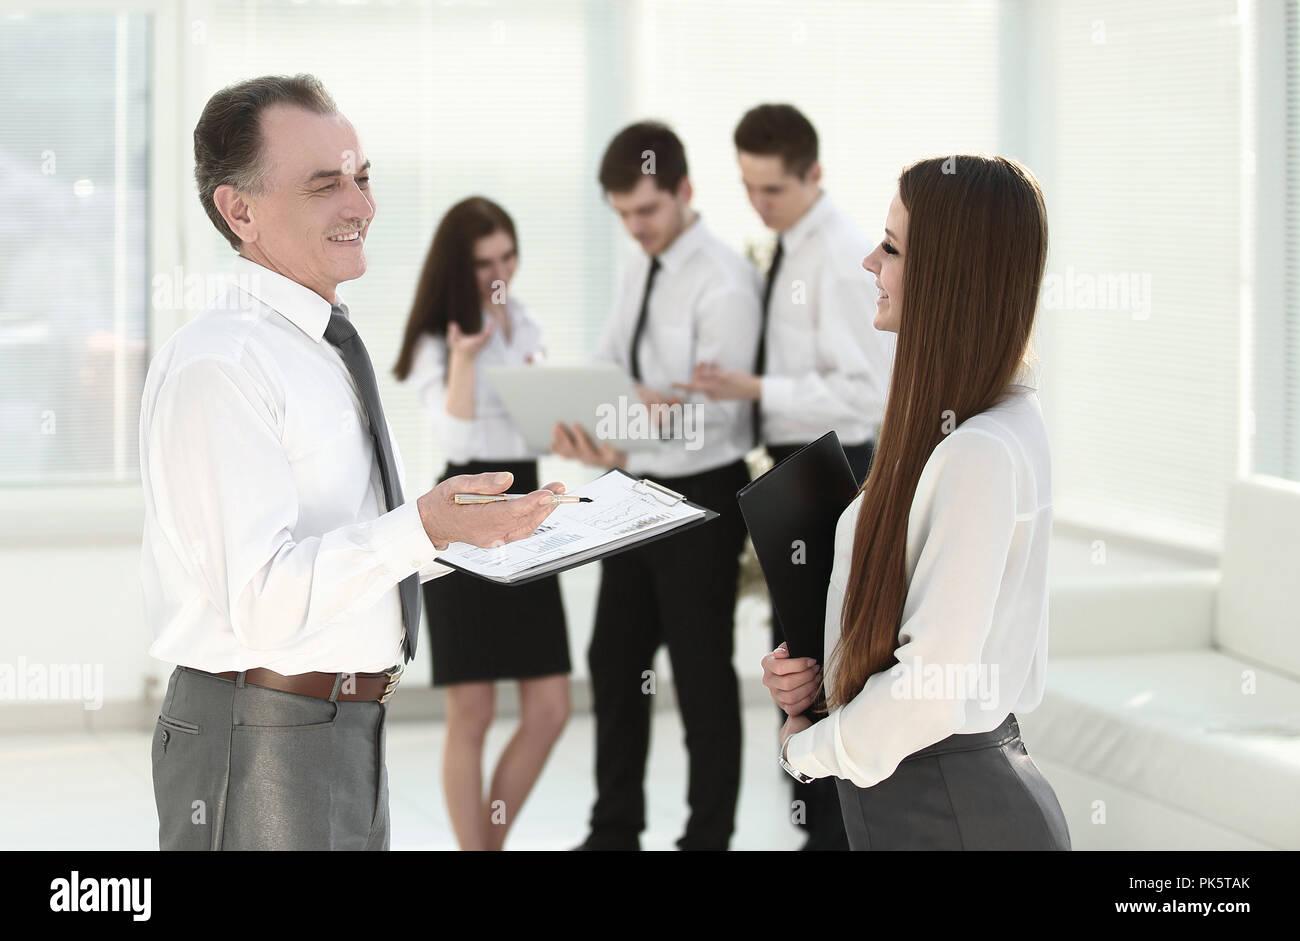 Ältere Unternehmer diskutieren einen Finanzbericht mit dem Mitarbeiter Stockbild